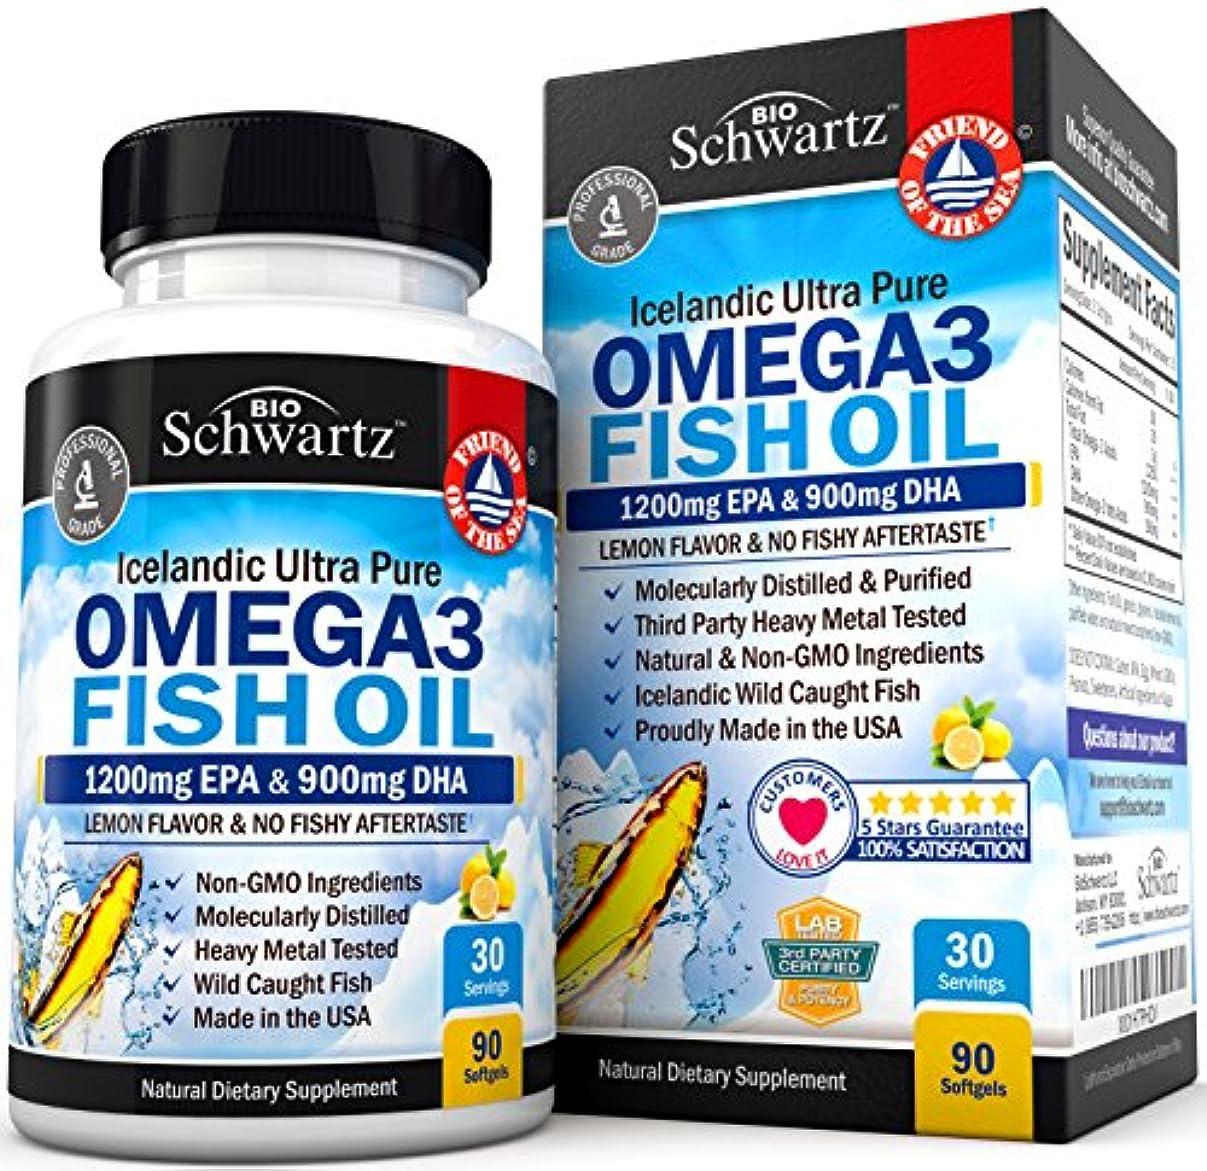 下品民主主義継続中BioSchwartz Omega 3 Fish Oil Supplement with 1200mg EPA, 900mg DHA 90粒